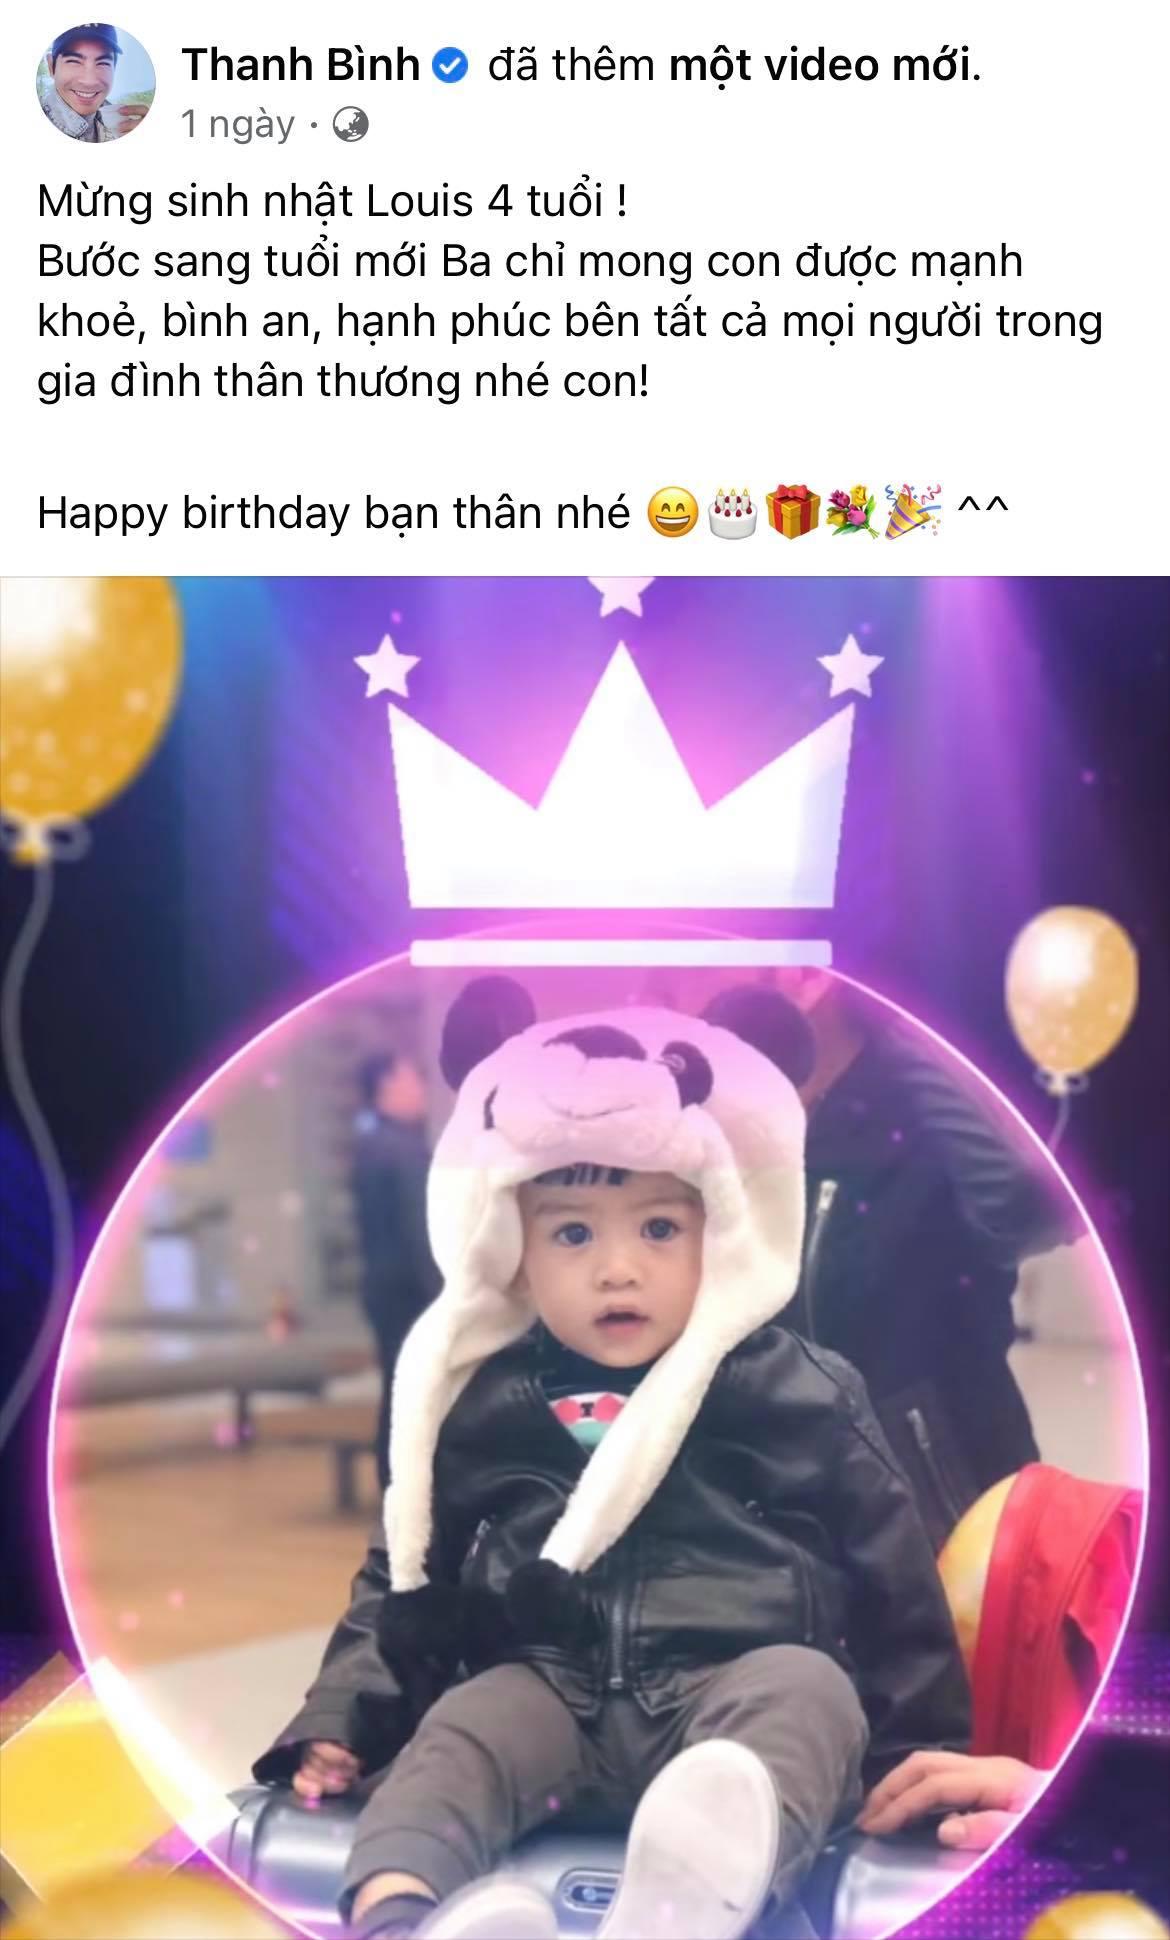 Ngọc Lan kỳ quặc tổ chức sinh nhật cho con trai Thanh Bình vắng mặt nhưng có hành động đặc biệt dành cho bé - Ảnh 5.